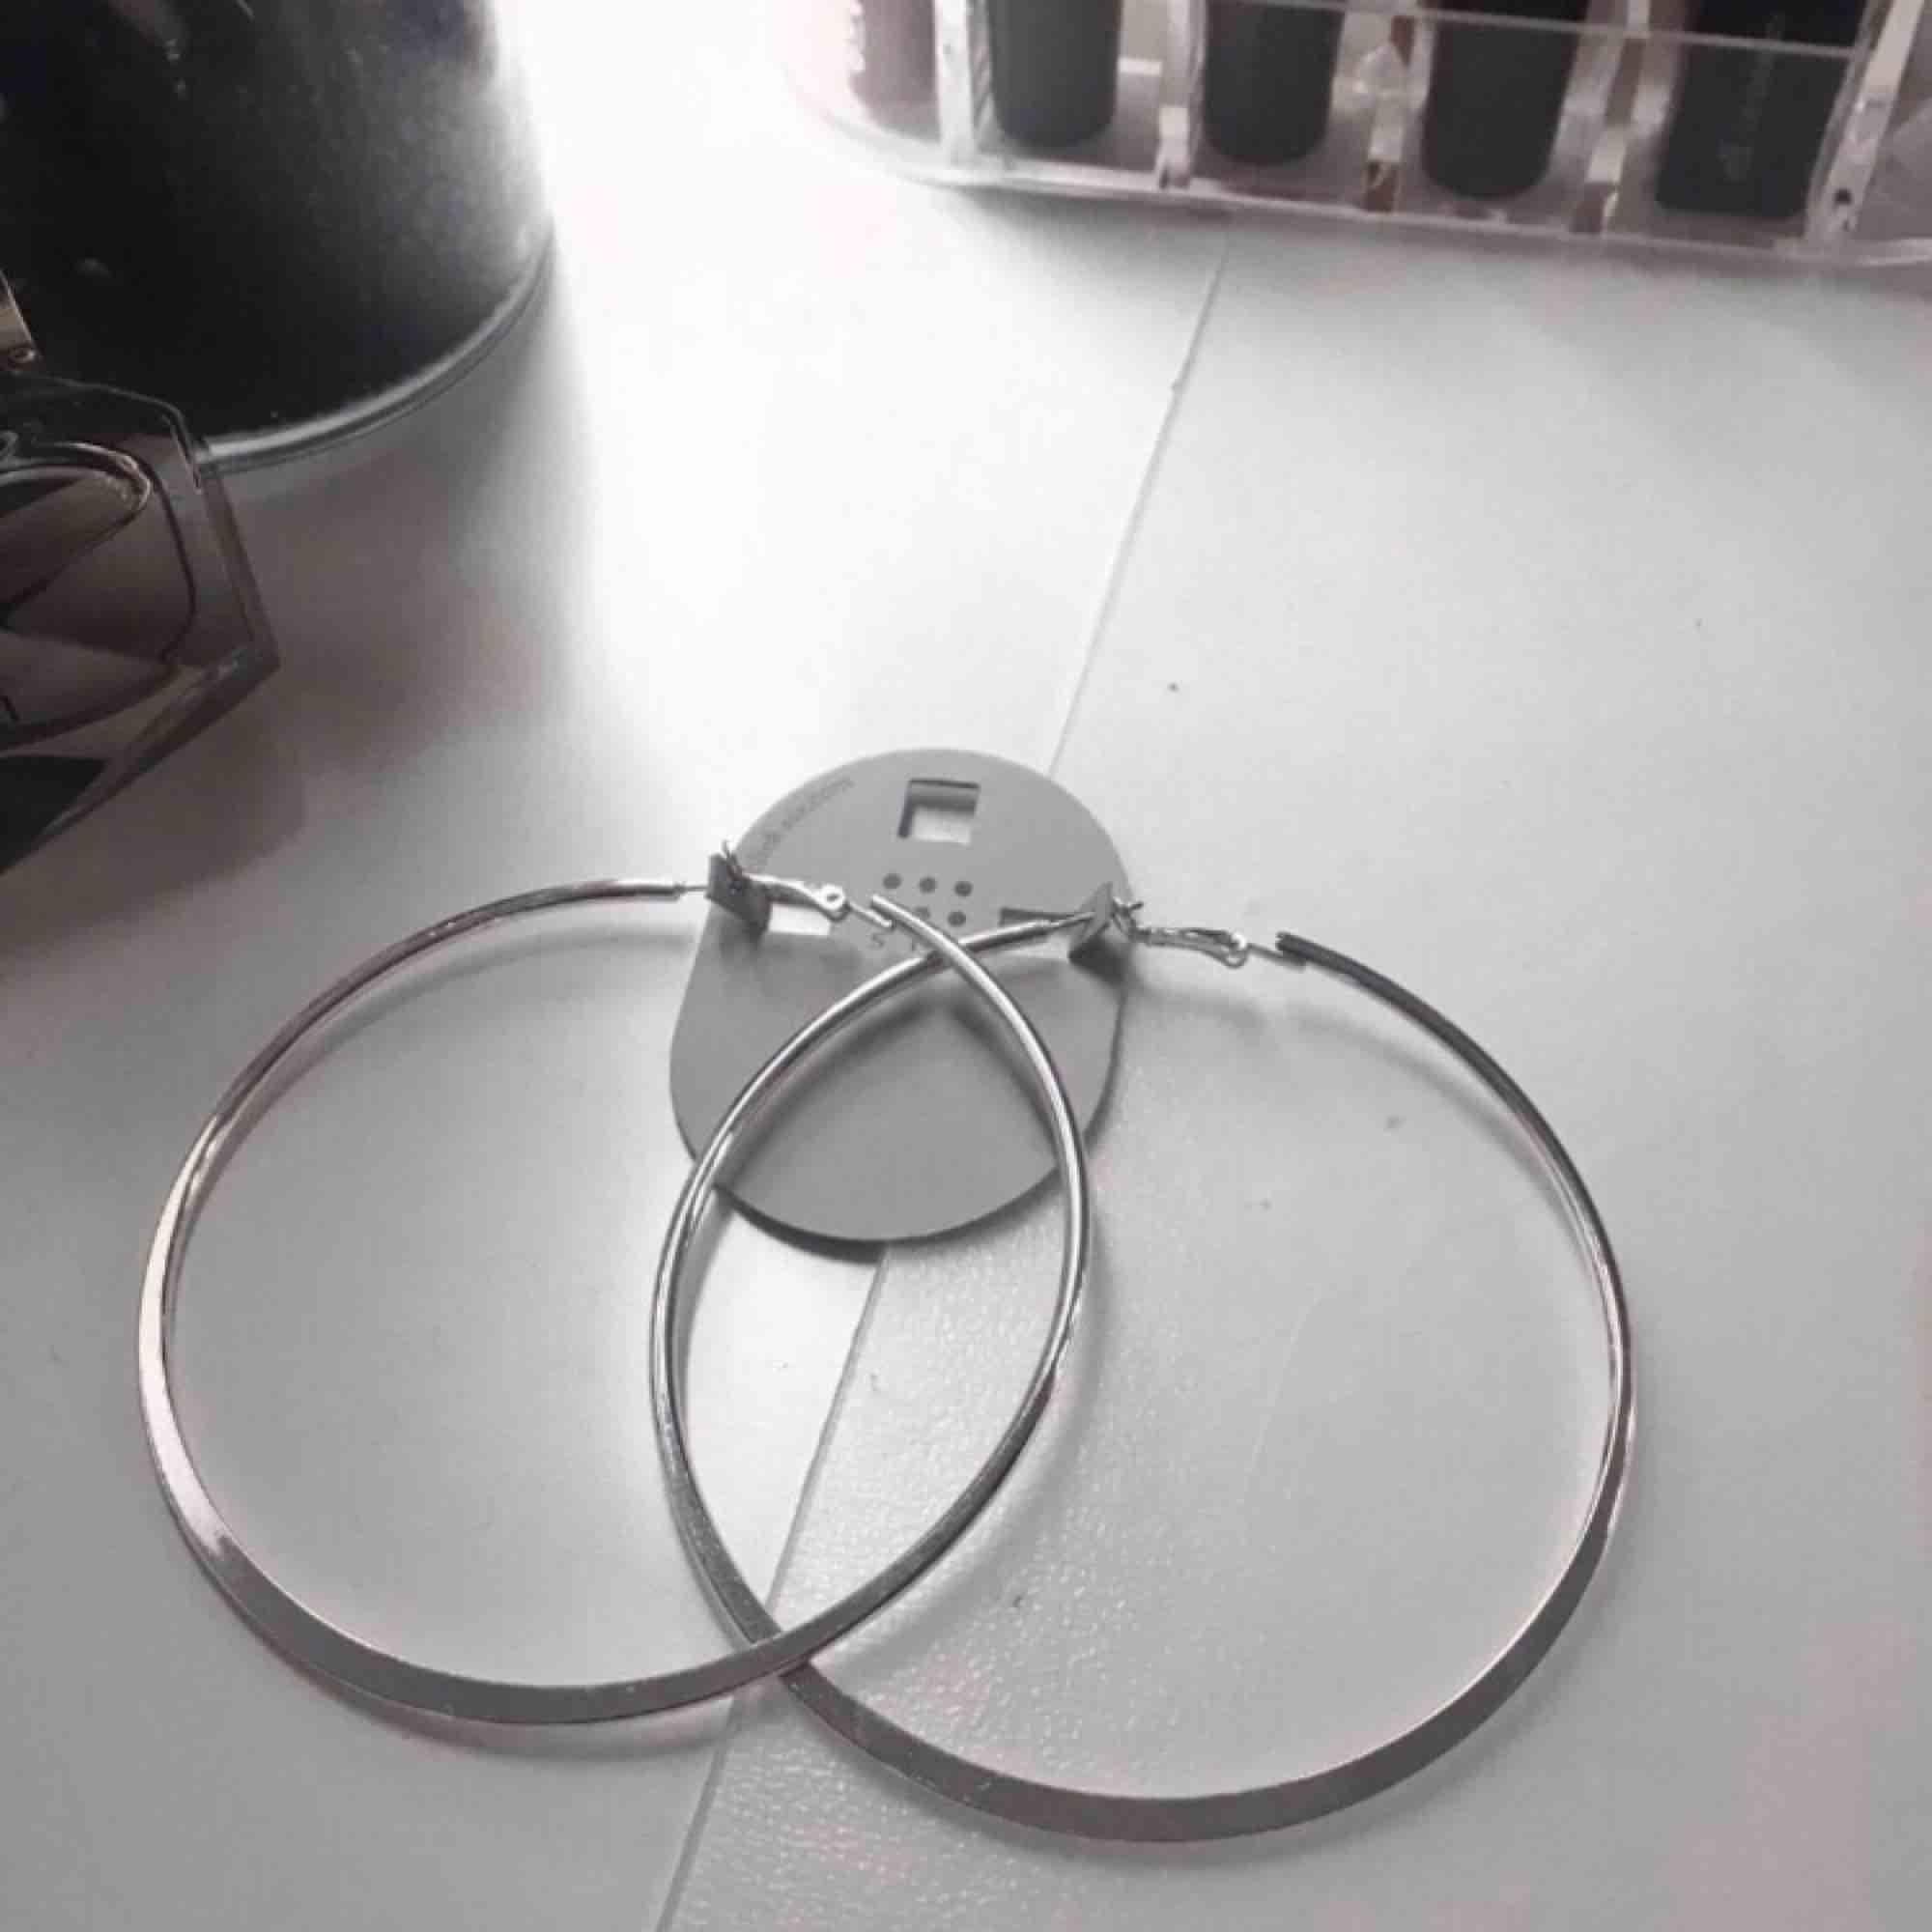 Örhängen, aldrig använda (helt nya) pga fick i present 8,5 cm i diameter, nickelfria. Accessoarer.